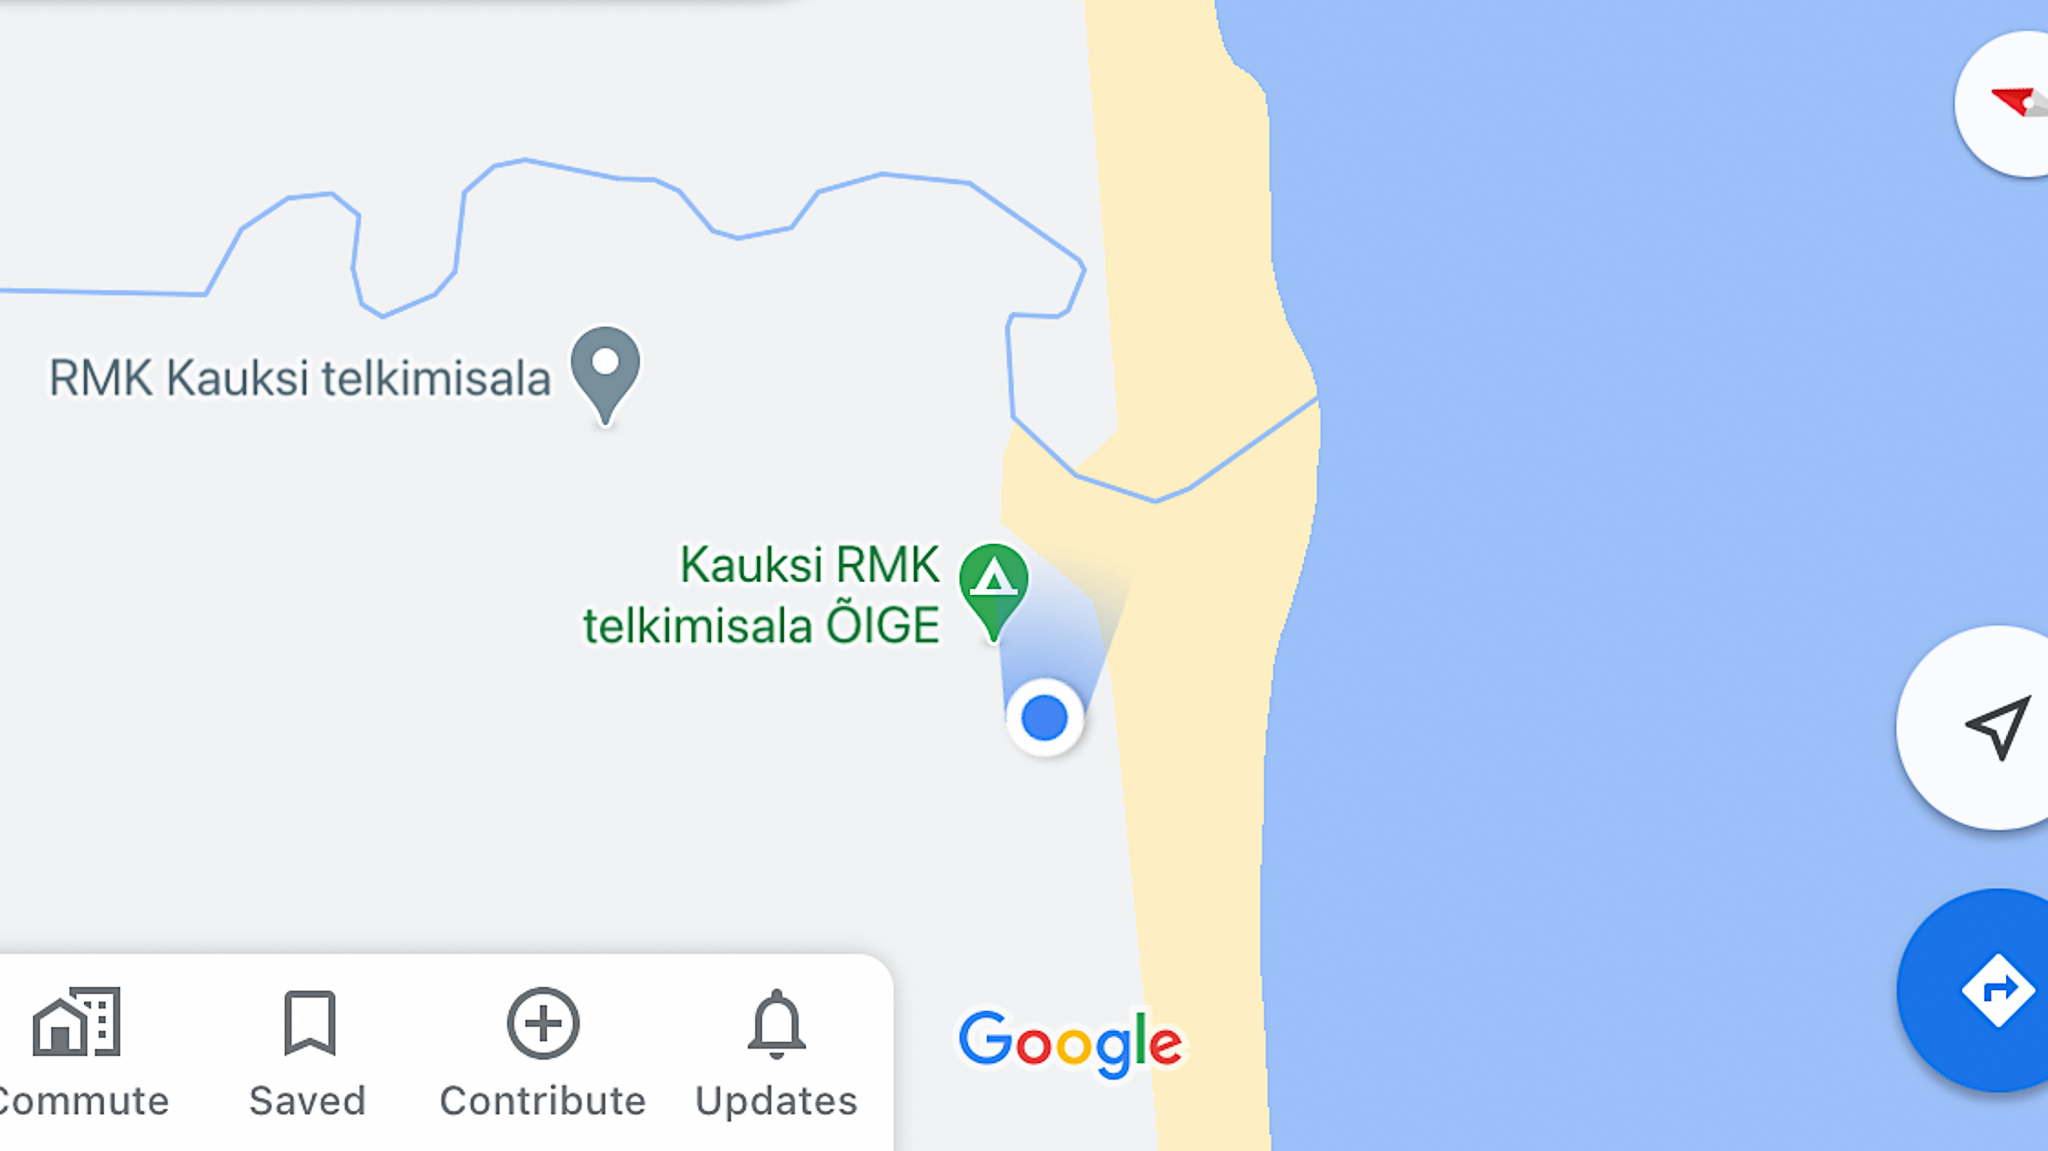 matkaauto-moover-kauksi-rmk